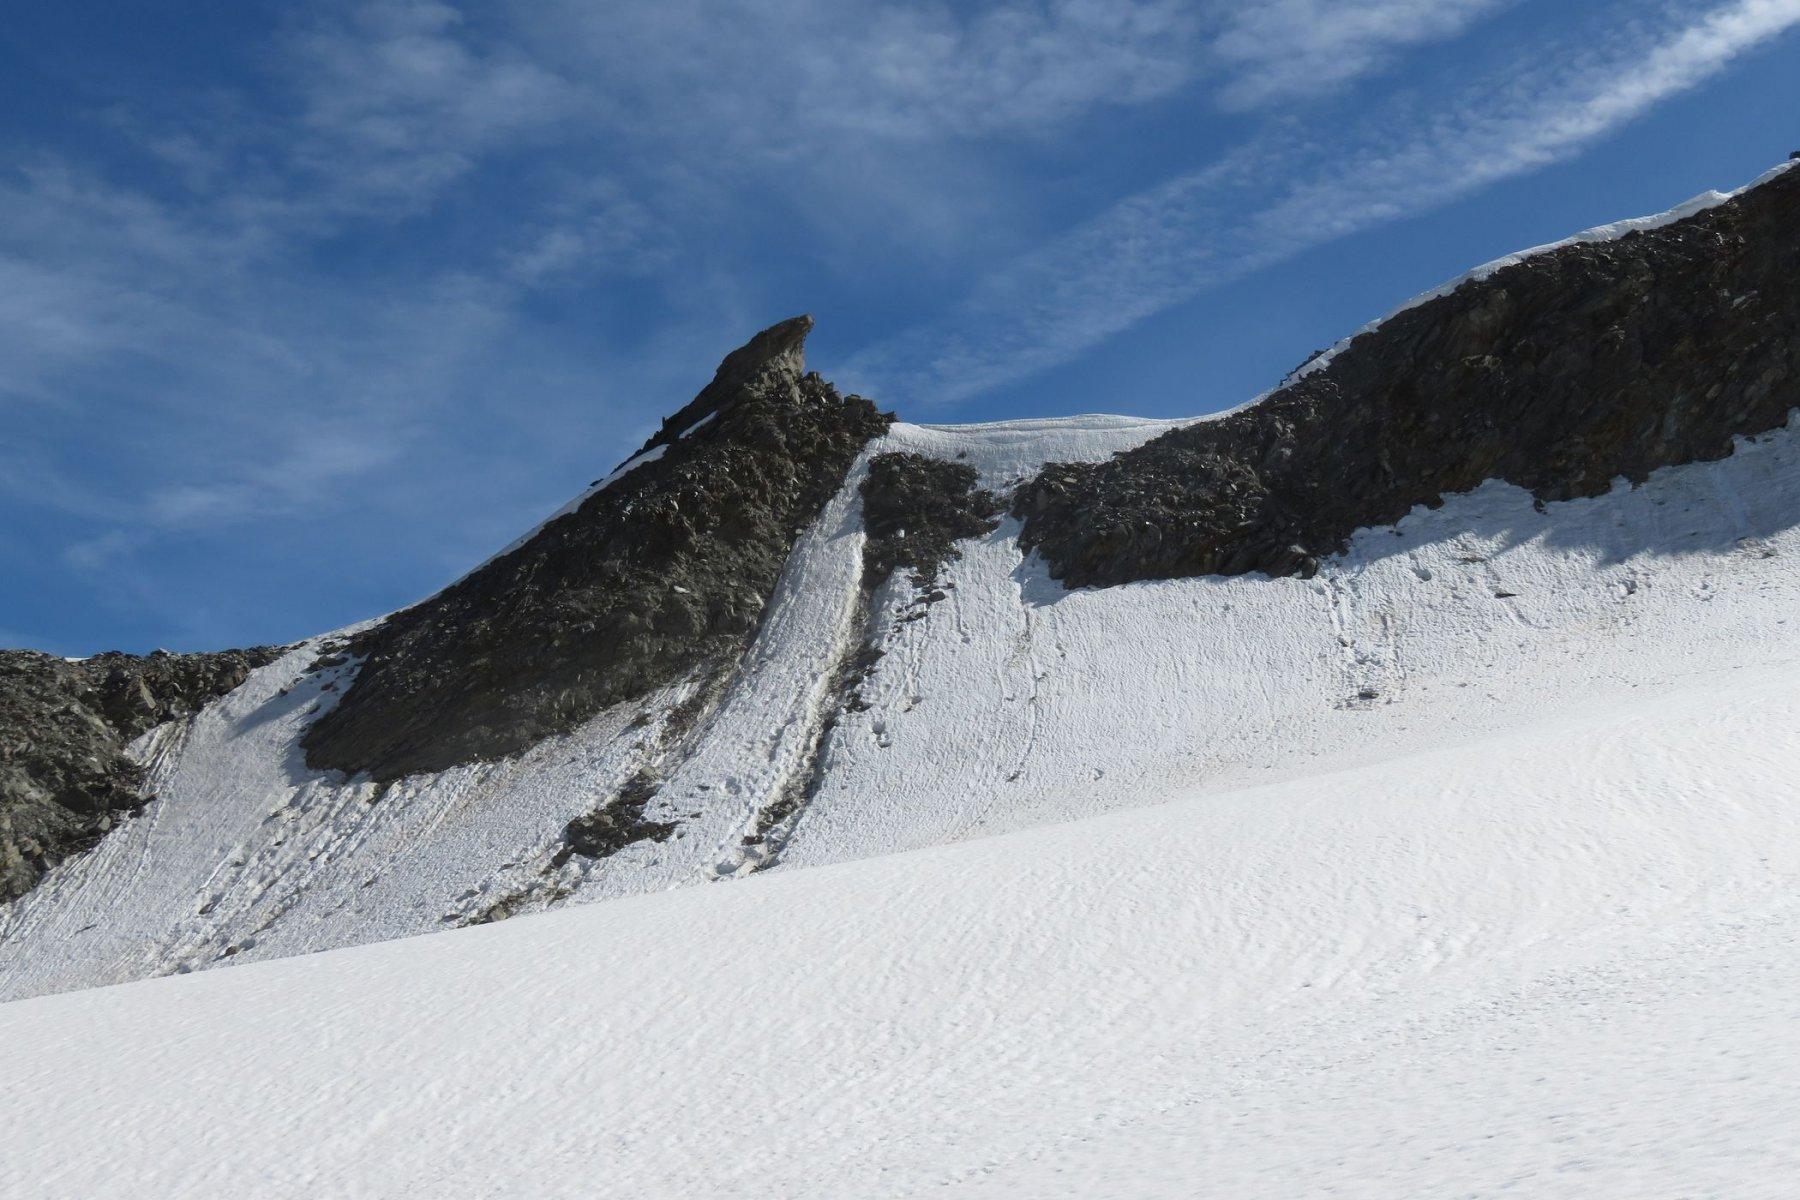 il breve pendio per raggiungere la cresta visto dal ghiacciaio